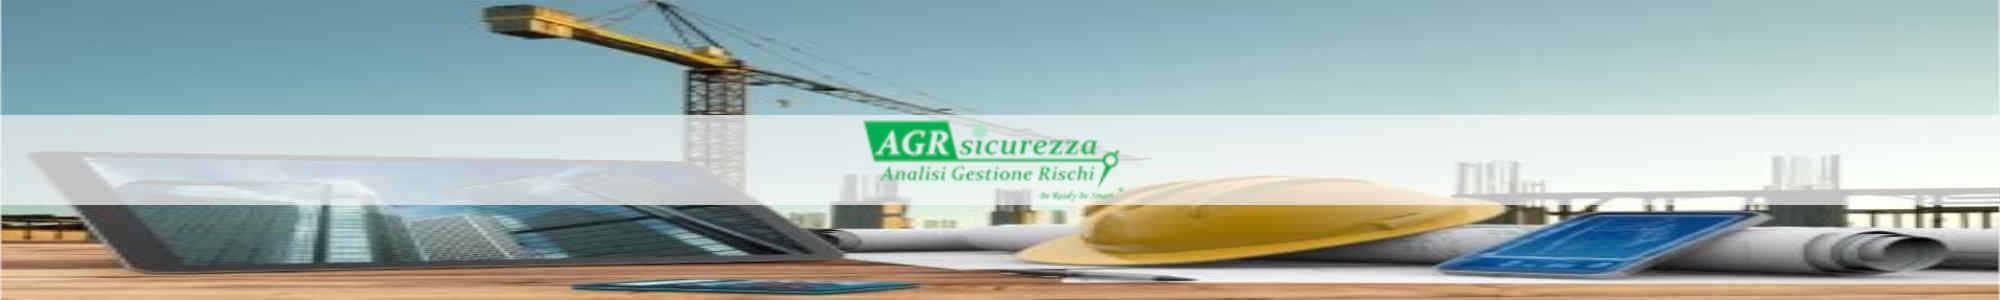 Corso Coordinatore Sicurezza Ancona Regione Marche